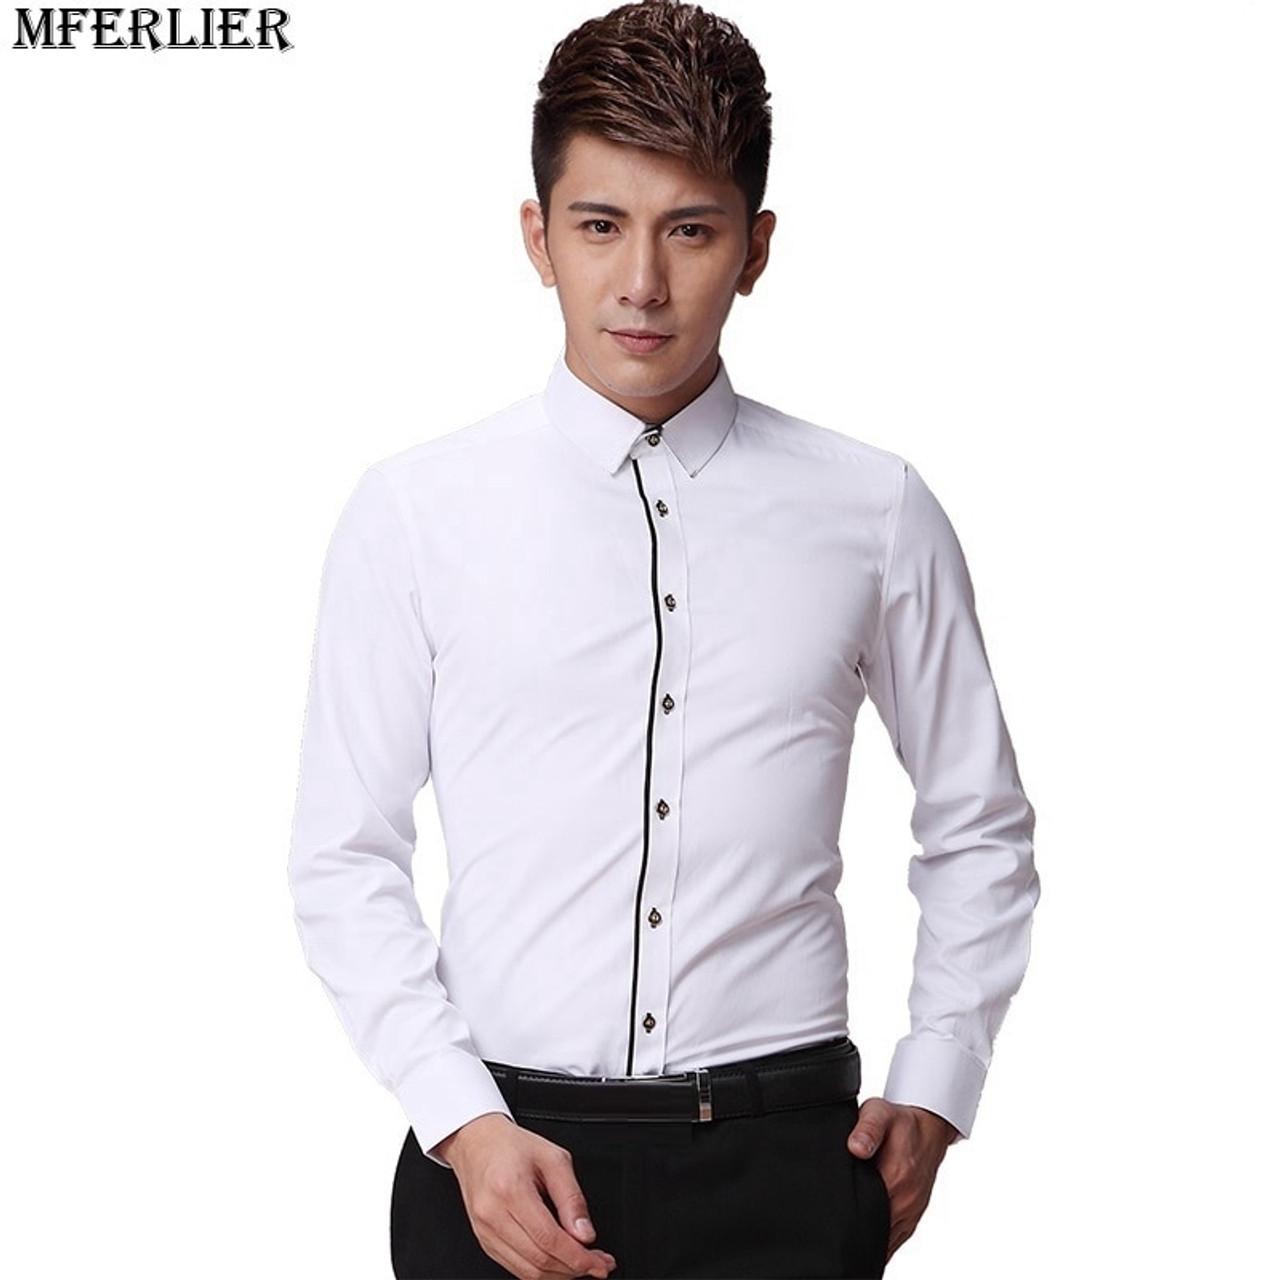 eea54800830 ... MFERLIER men formal shirt long sleeve large size big 6XL 7XL 8XL office  shirt formal Business ...